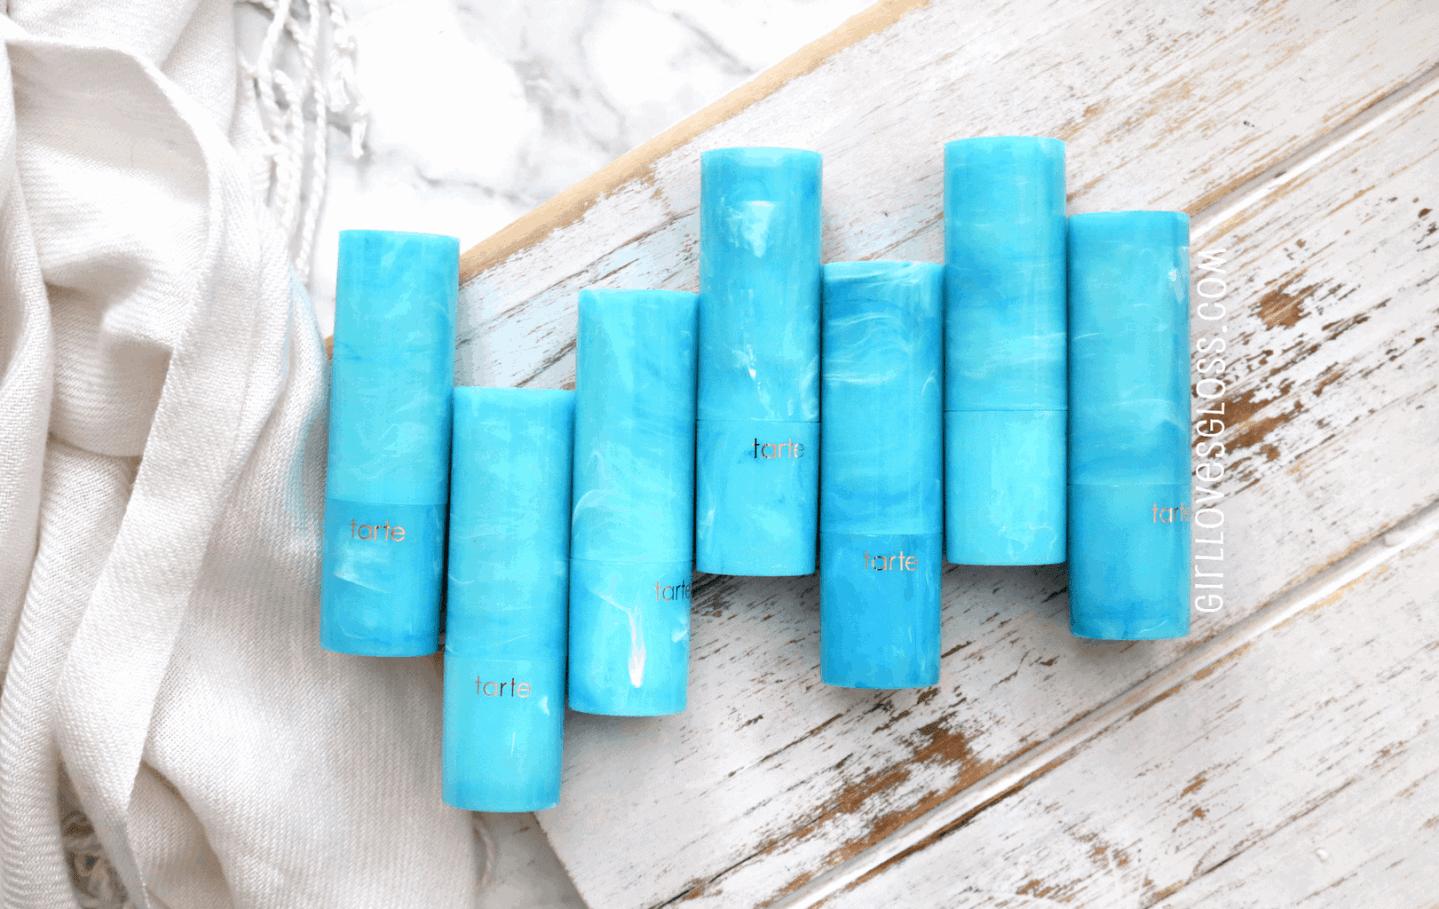 Tarte Color Splash Lipsticks